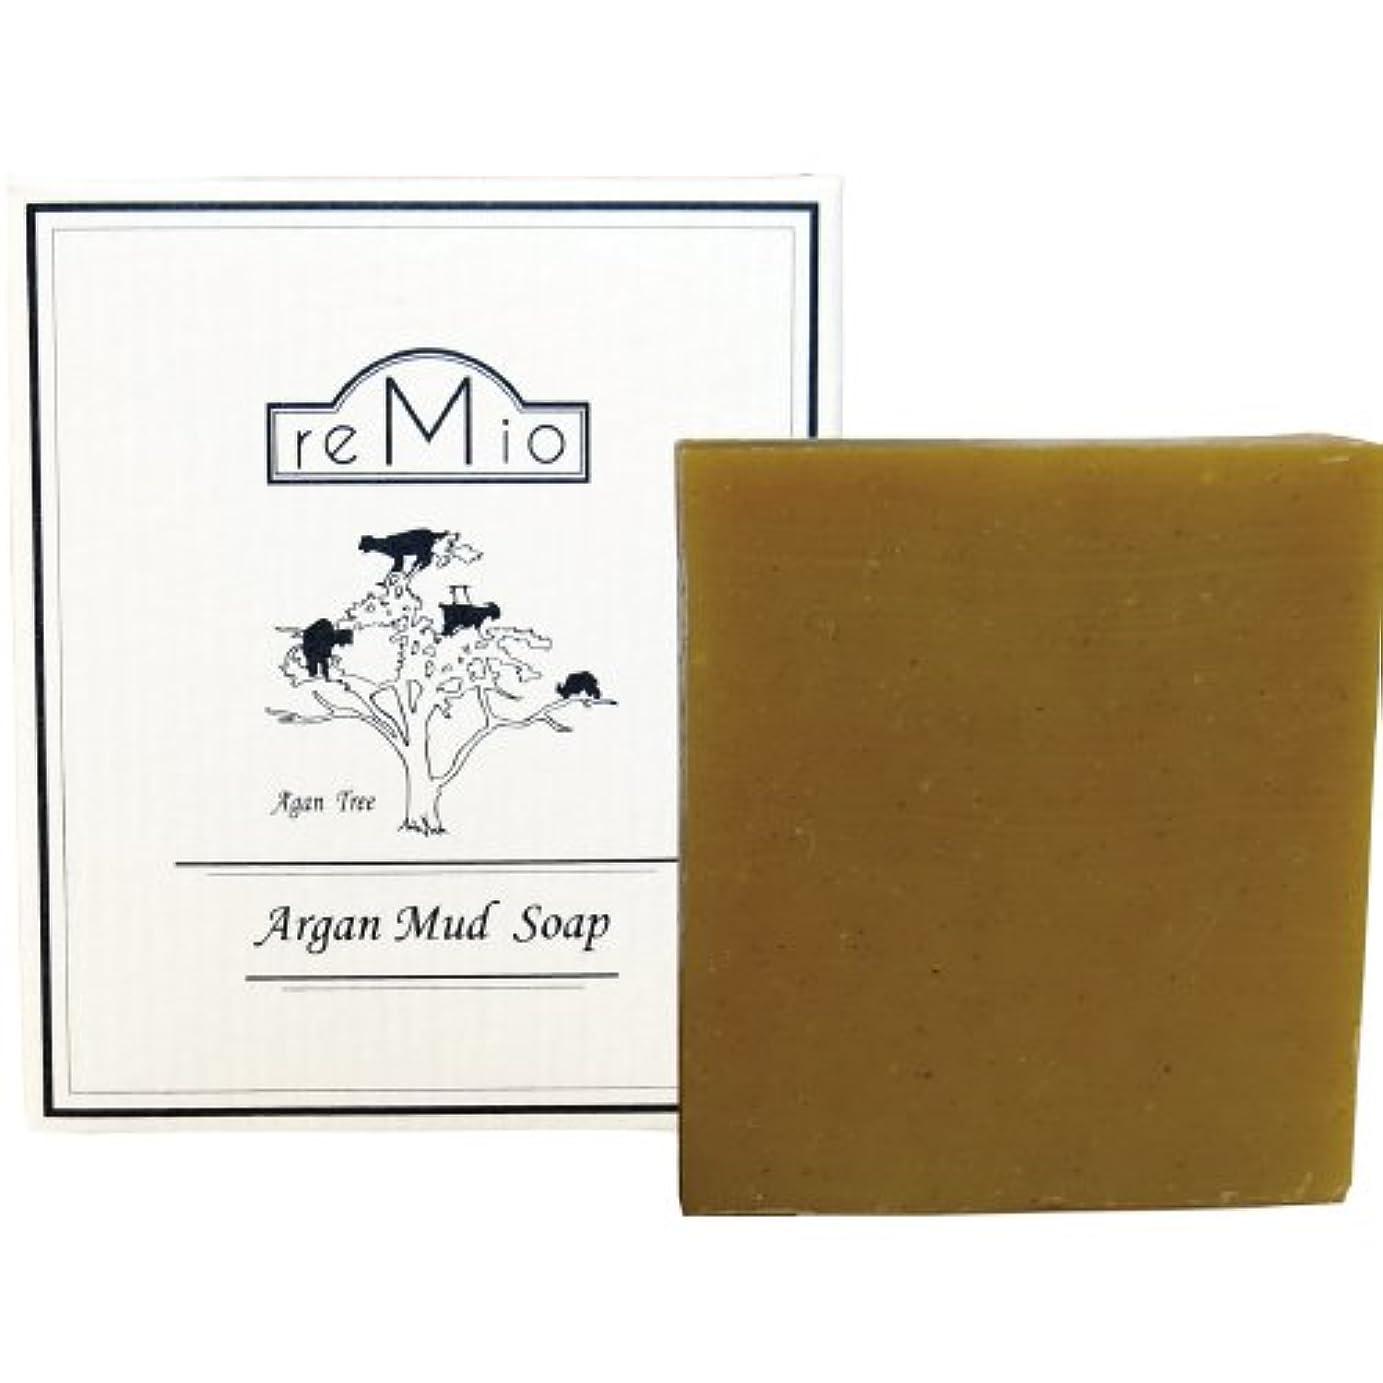 うまくやる()ゴールデンエキサイティングレミオ(REMIO) アルガンクレイ石鹸